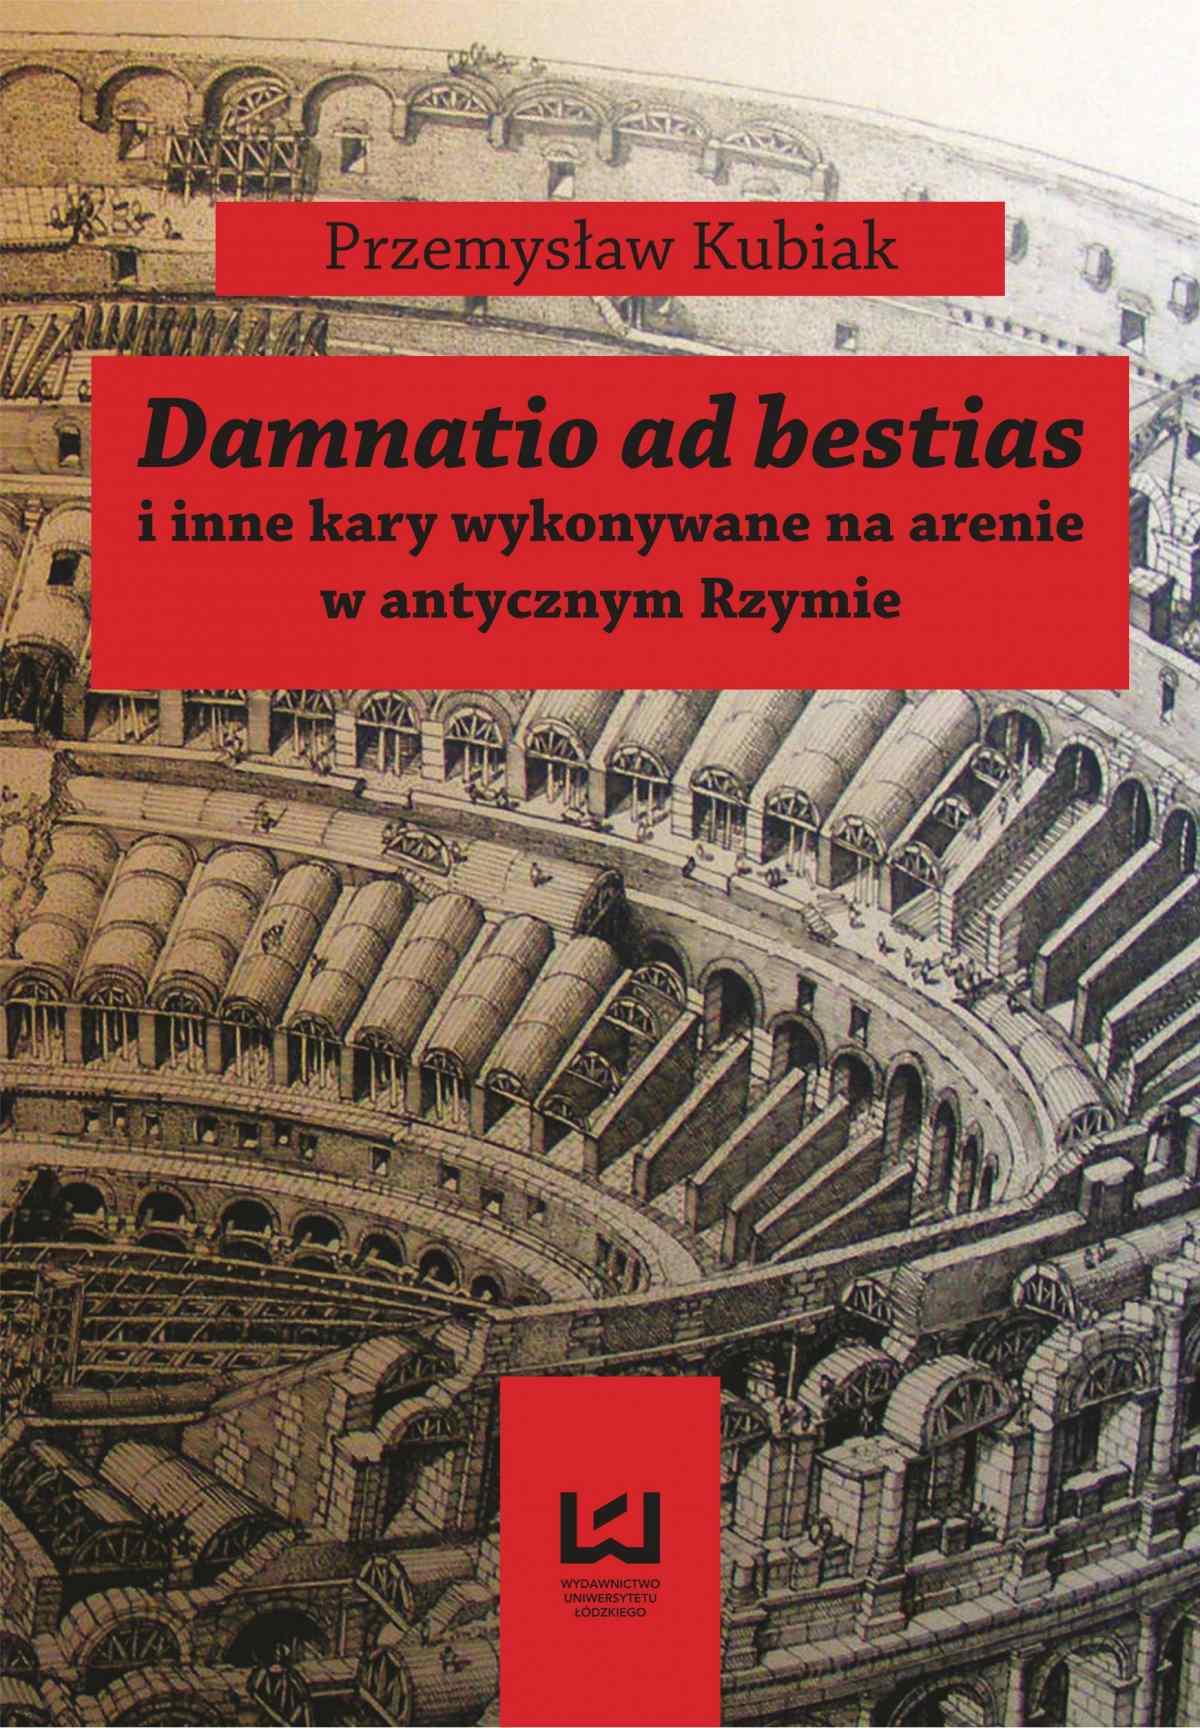 Damnatio ad bestias i inne kary wykonywane na arenie w antycznym Rzymie - Ebook (Książka PDF) do pobrania w formacie PDF